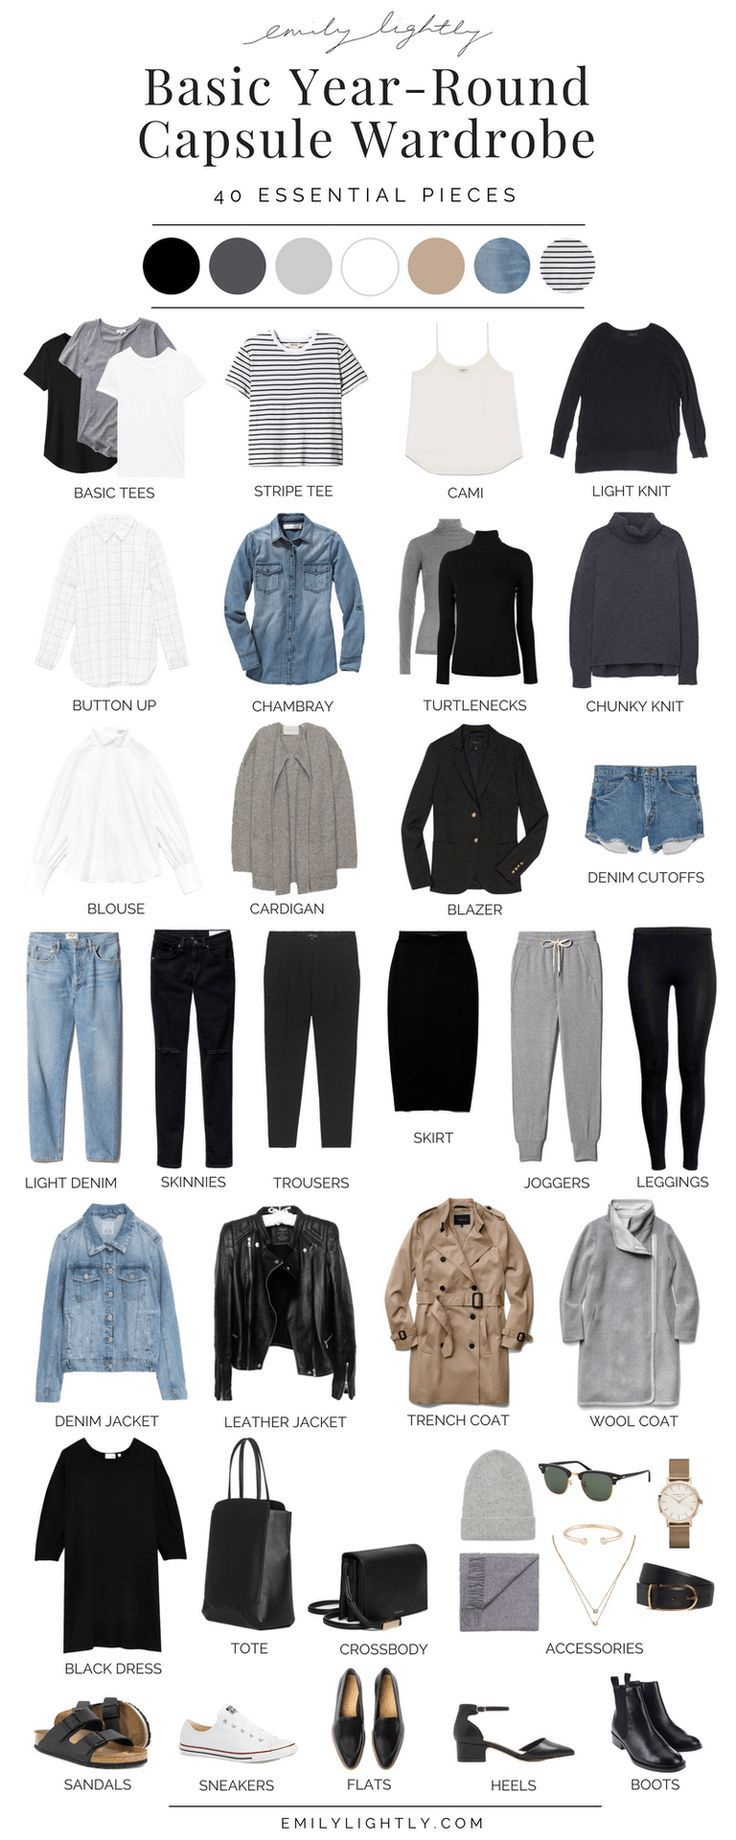 60d73eea697b My Basic Year-Round Capsule Wardrobe - Emily Lightly    ethical style